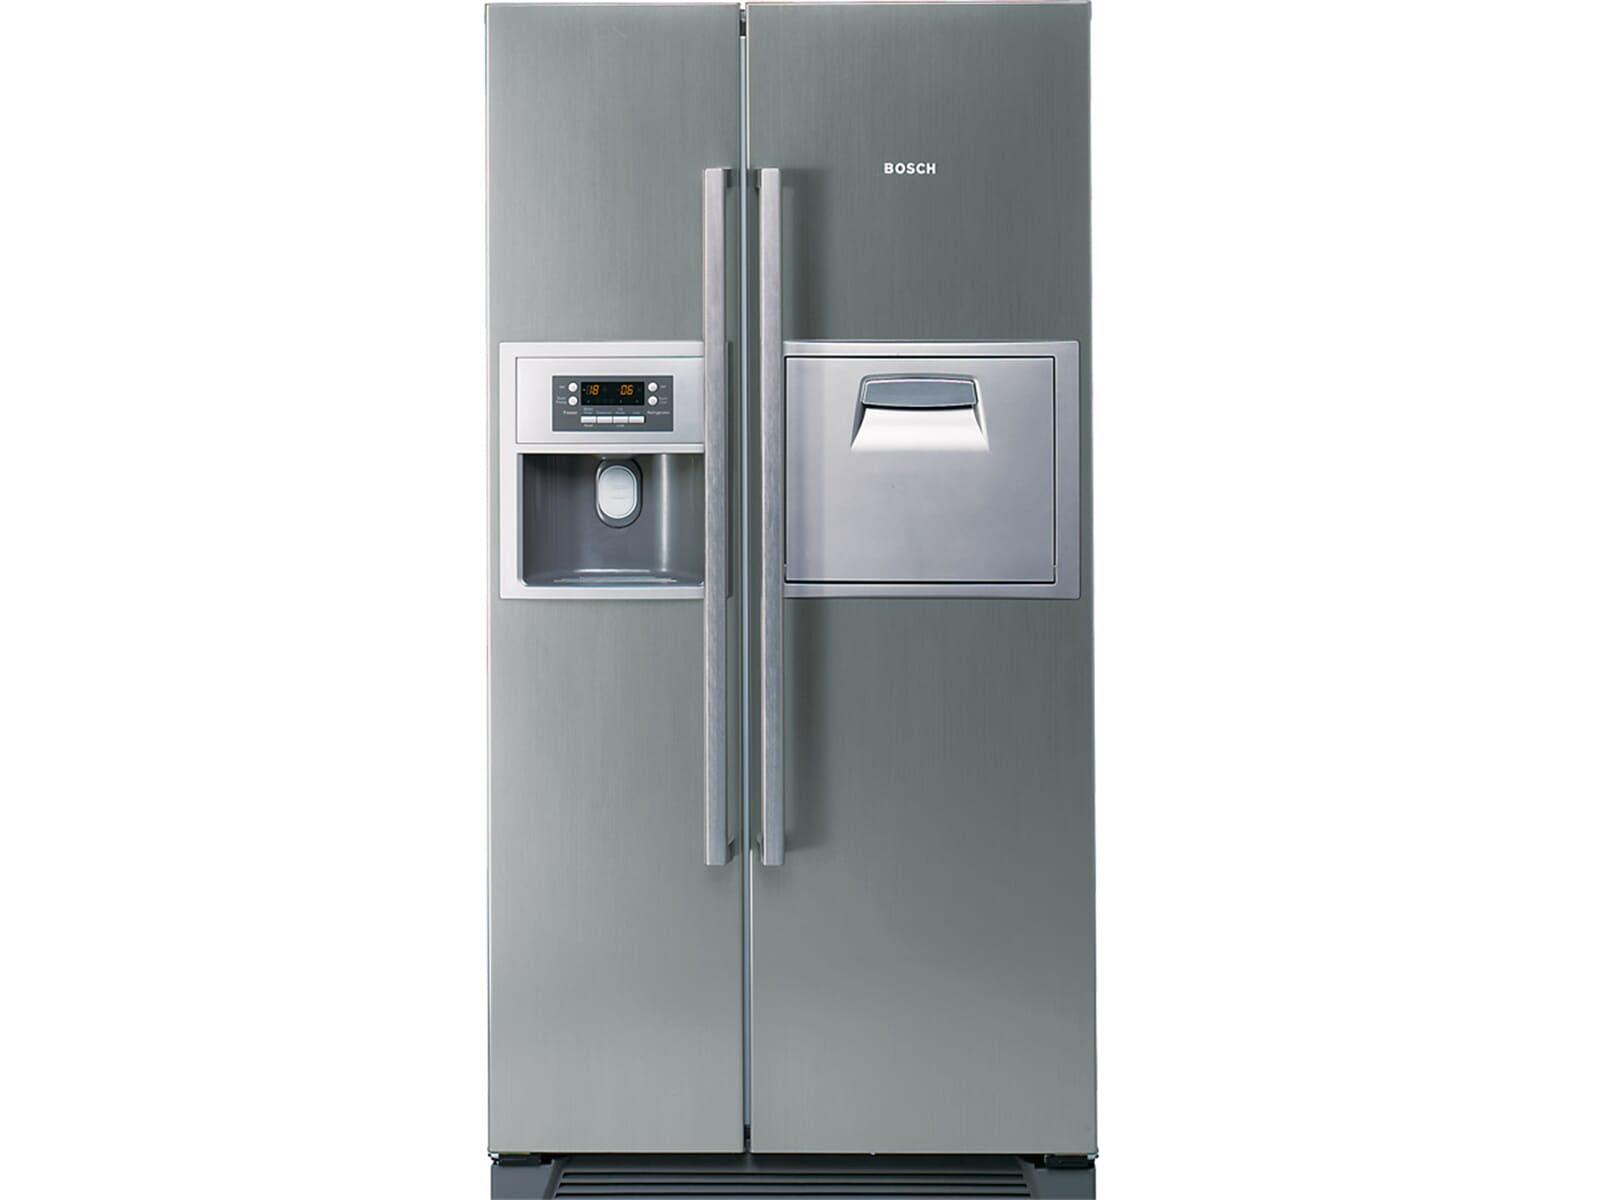 Gorenje Kühlschrank Filter Wechseln : Bosch kühlschrank wasserfilter wechseln was wasserfilter wirklich